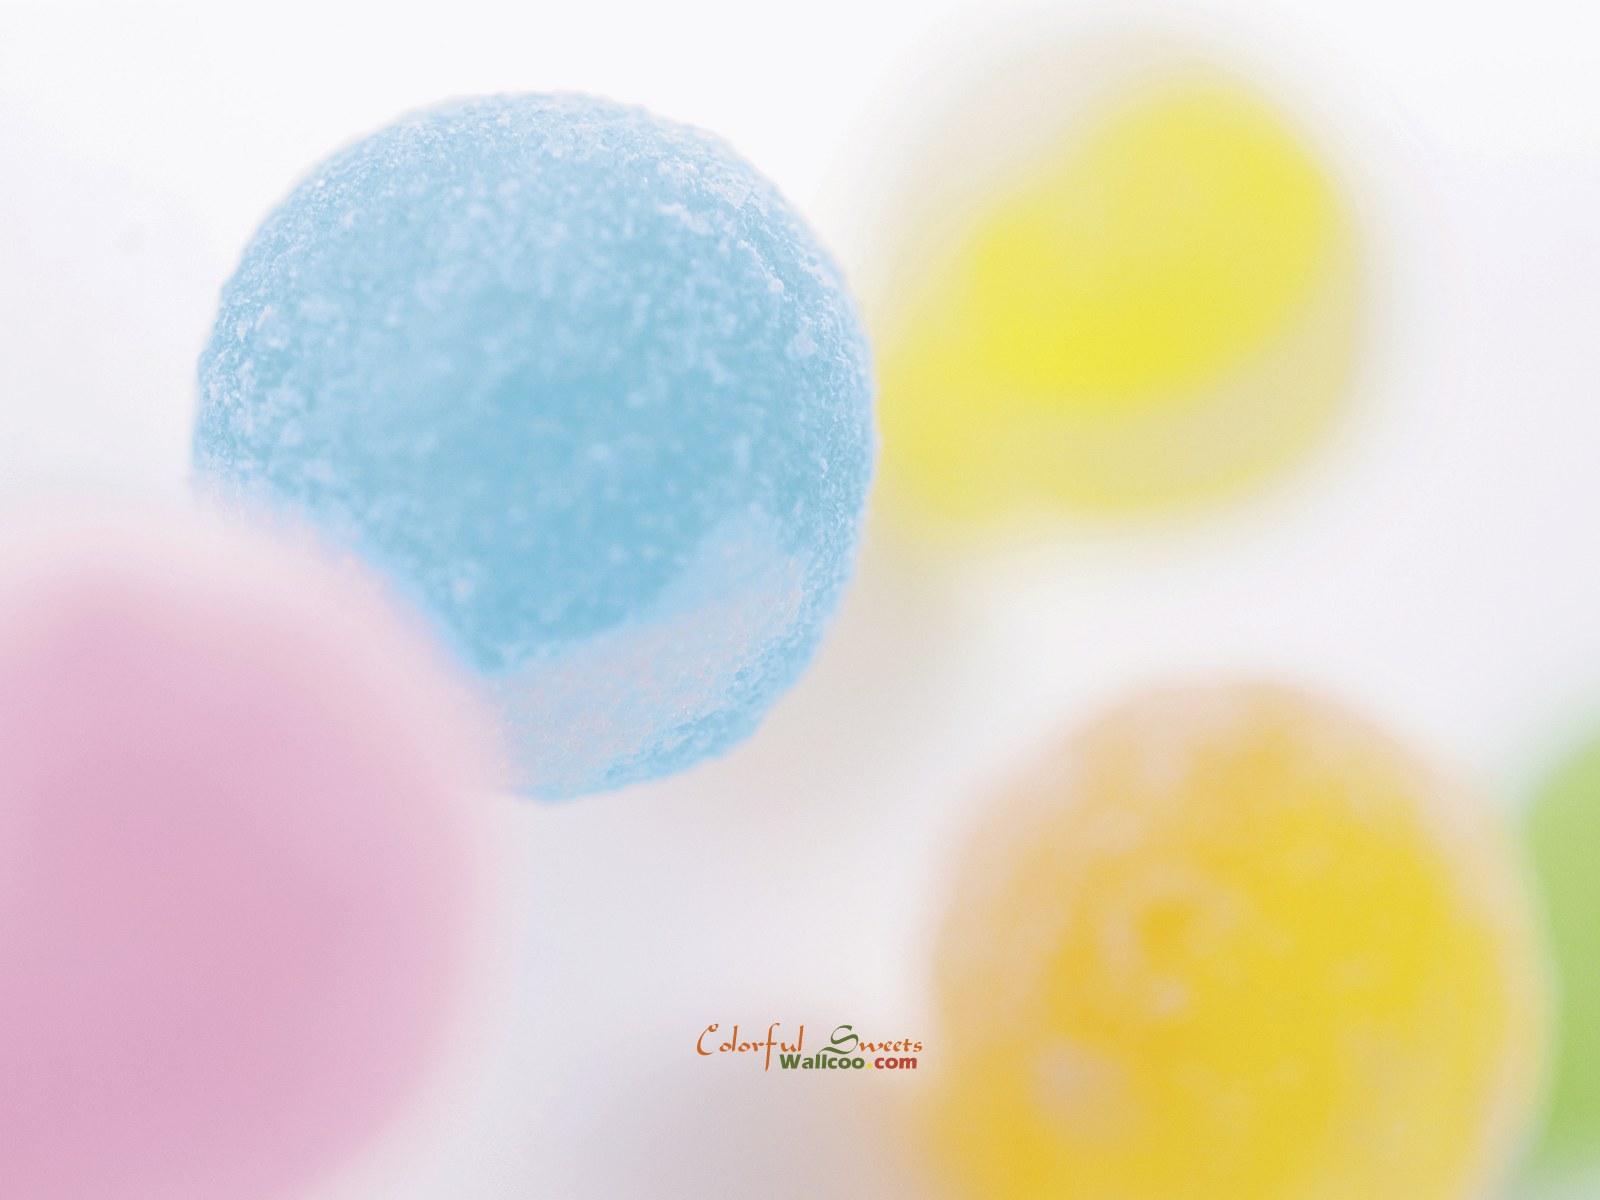 非常可爱的缤纷糖果高清背景图片素材2